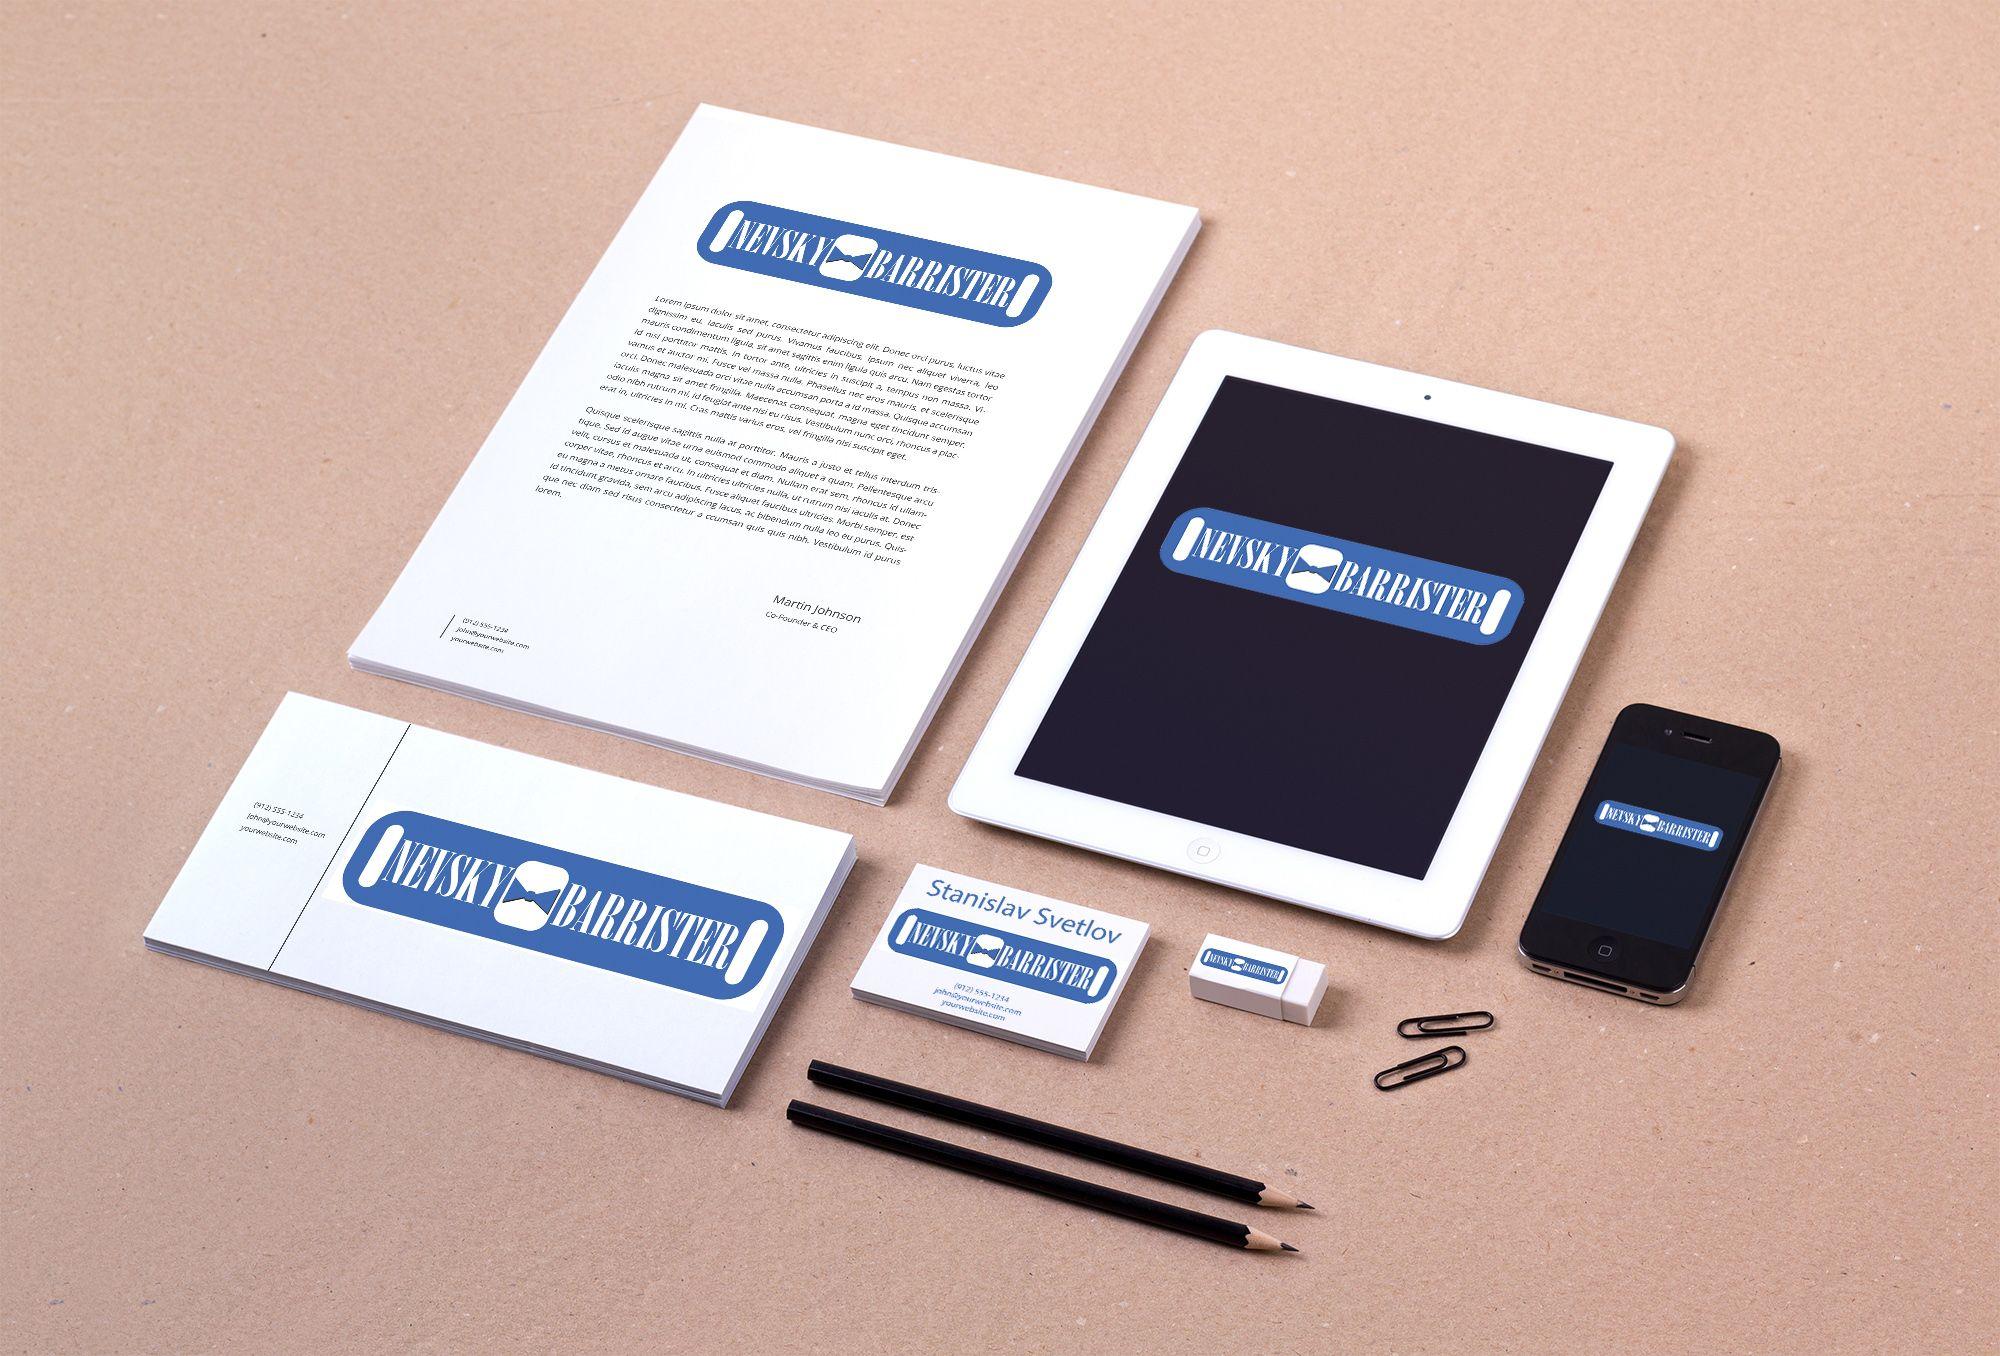 лого и фирменный стиль для адвокатского кабинета - дизайнер dondccon